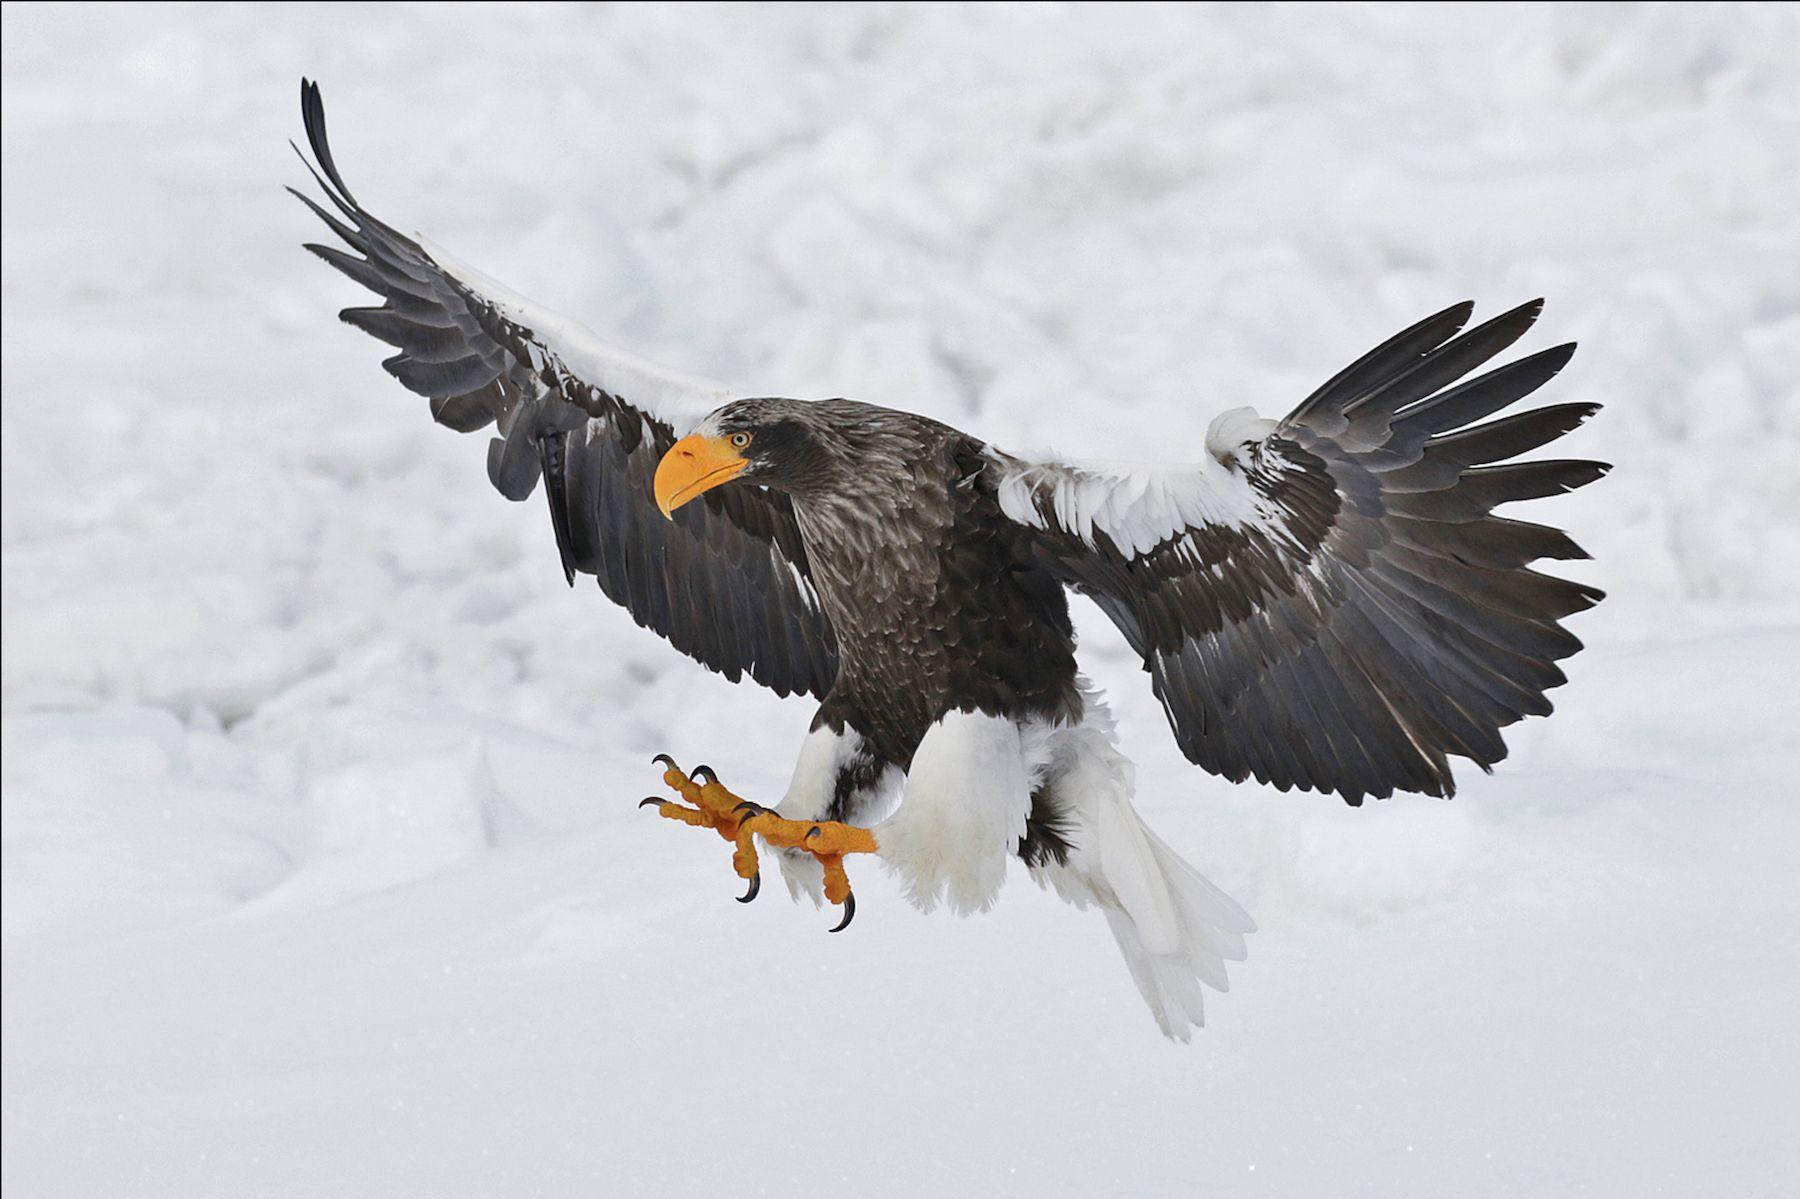 Japan Wildlife Photography Tours - Hokkaido Wildlife Photo Tours